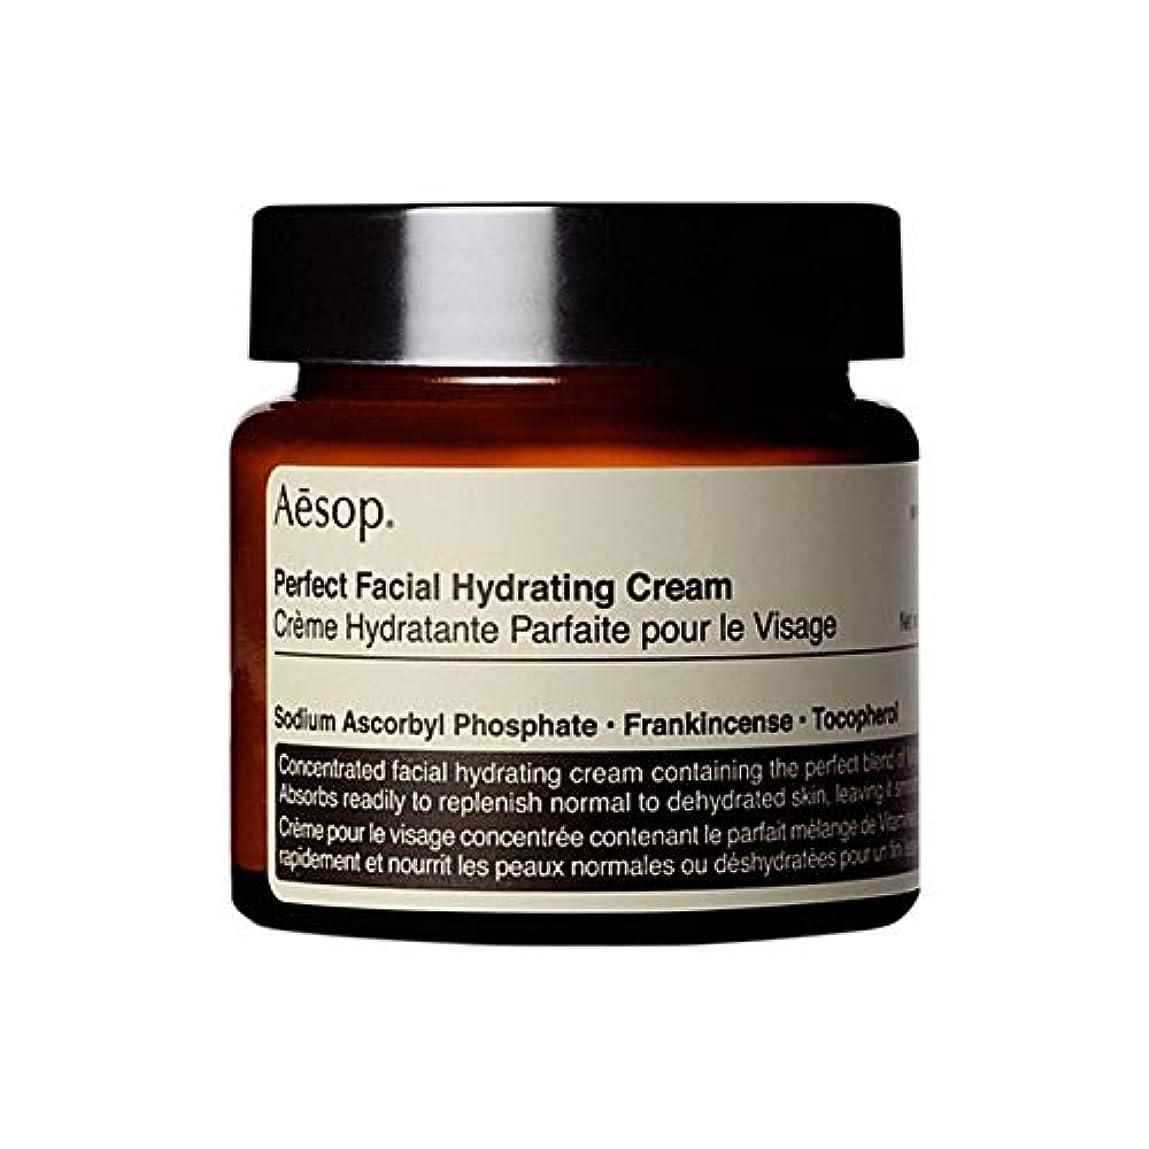 お客様罰履歴書[Aesop] イソップ完璧な顔の水和クリーム60ミリリットル - Aesop Perfect Facial Hydrating Cream 60ml [並行輸入品]